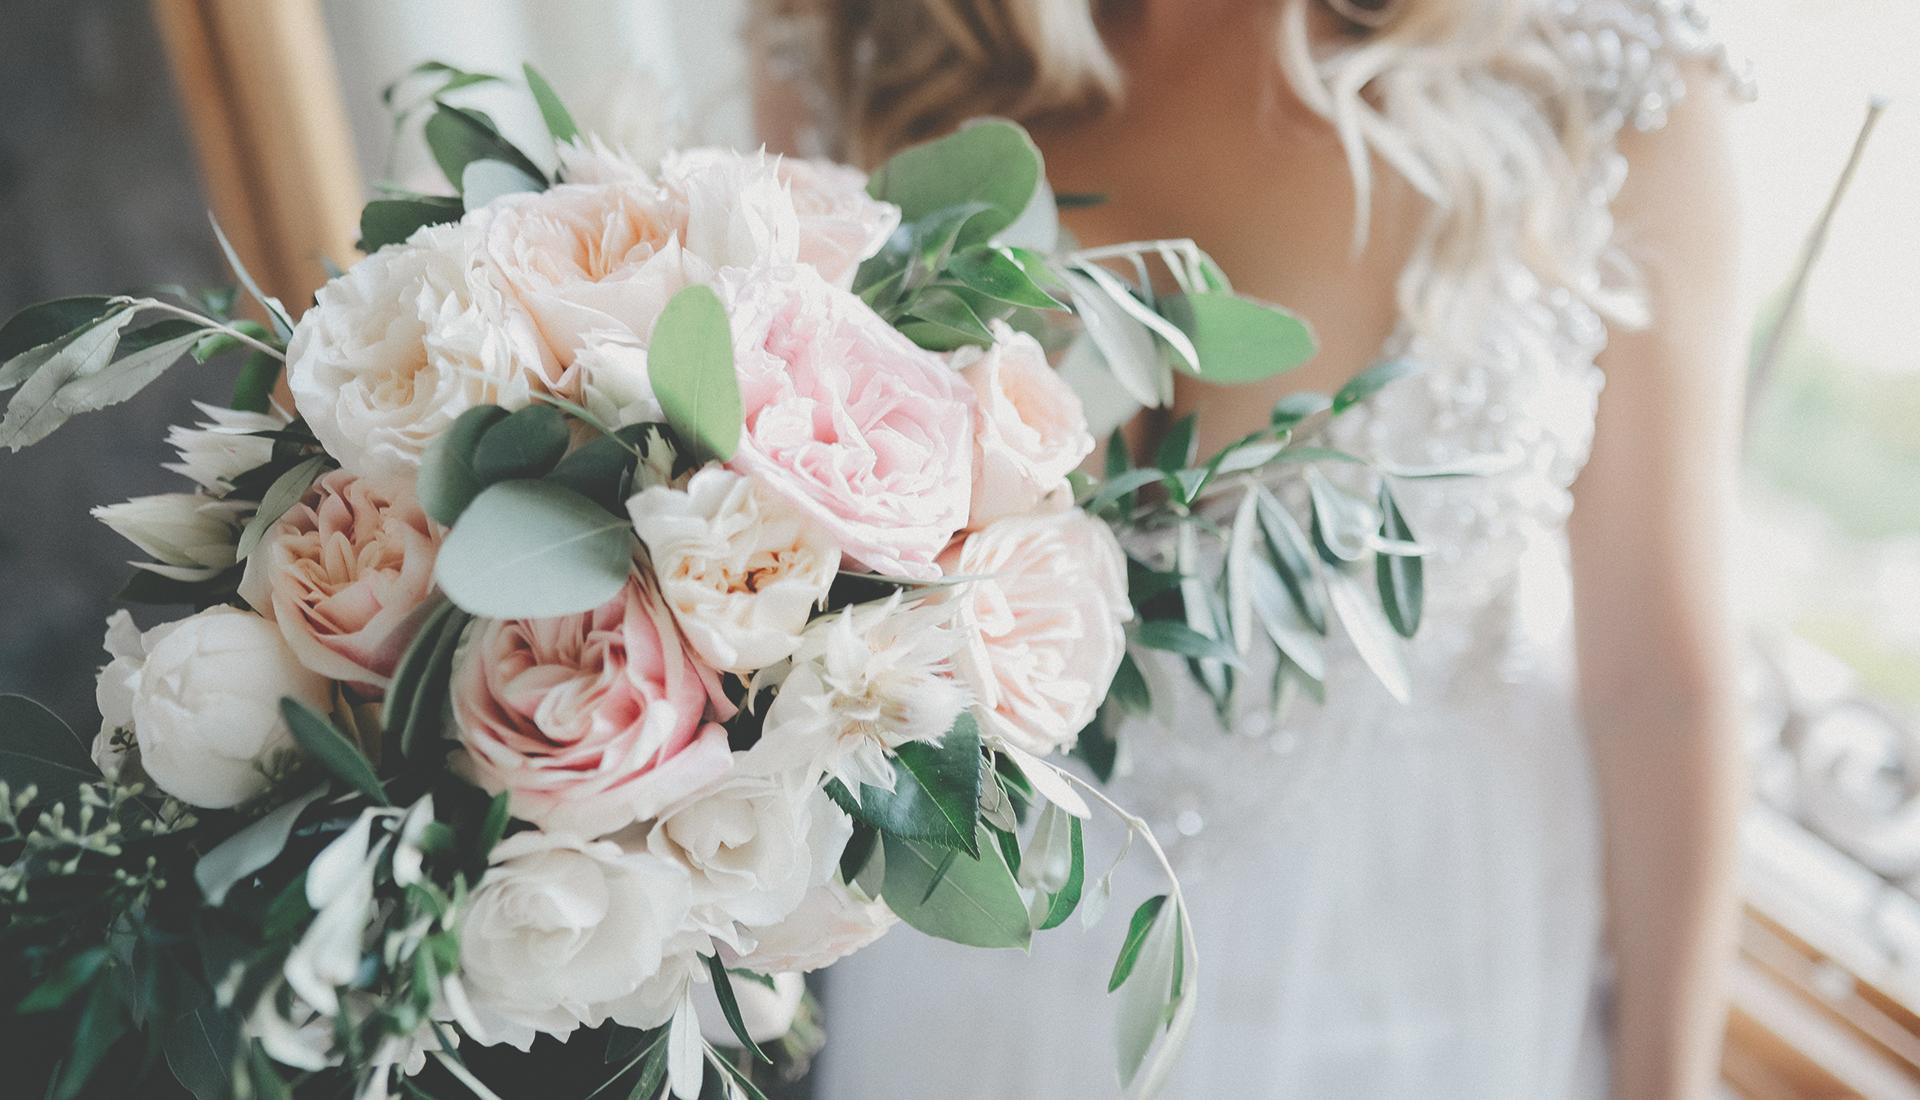 Brautstrauß, Heiraten, Gardasee, Hochzeitsdeko